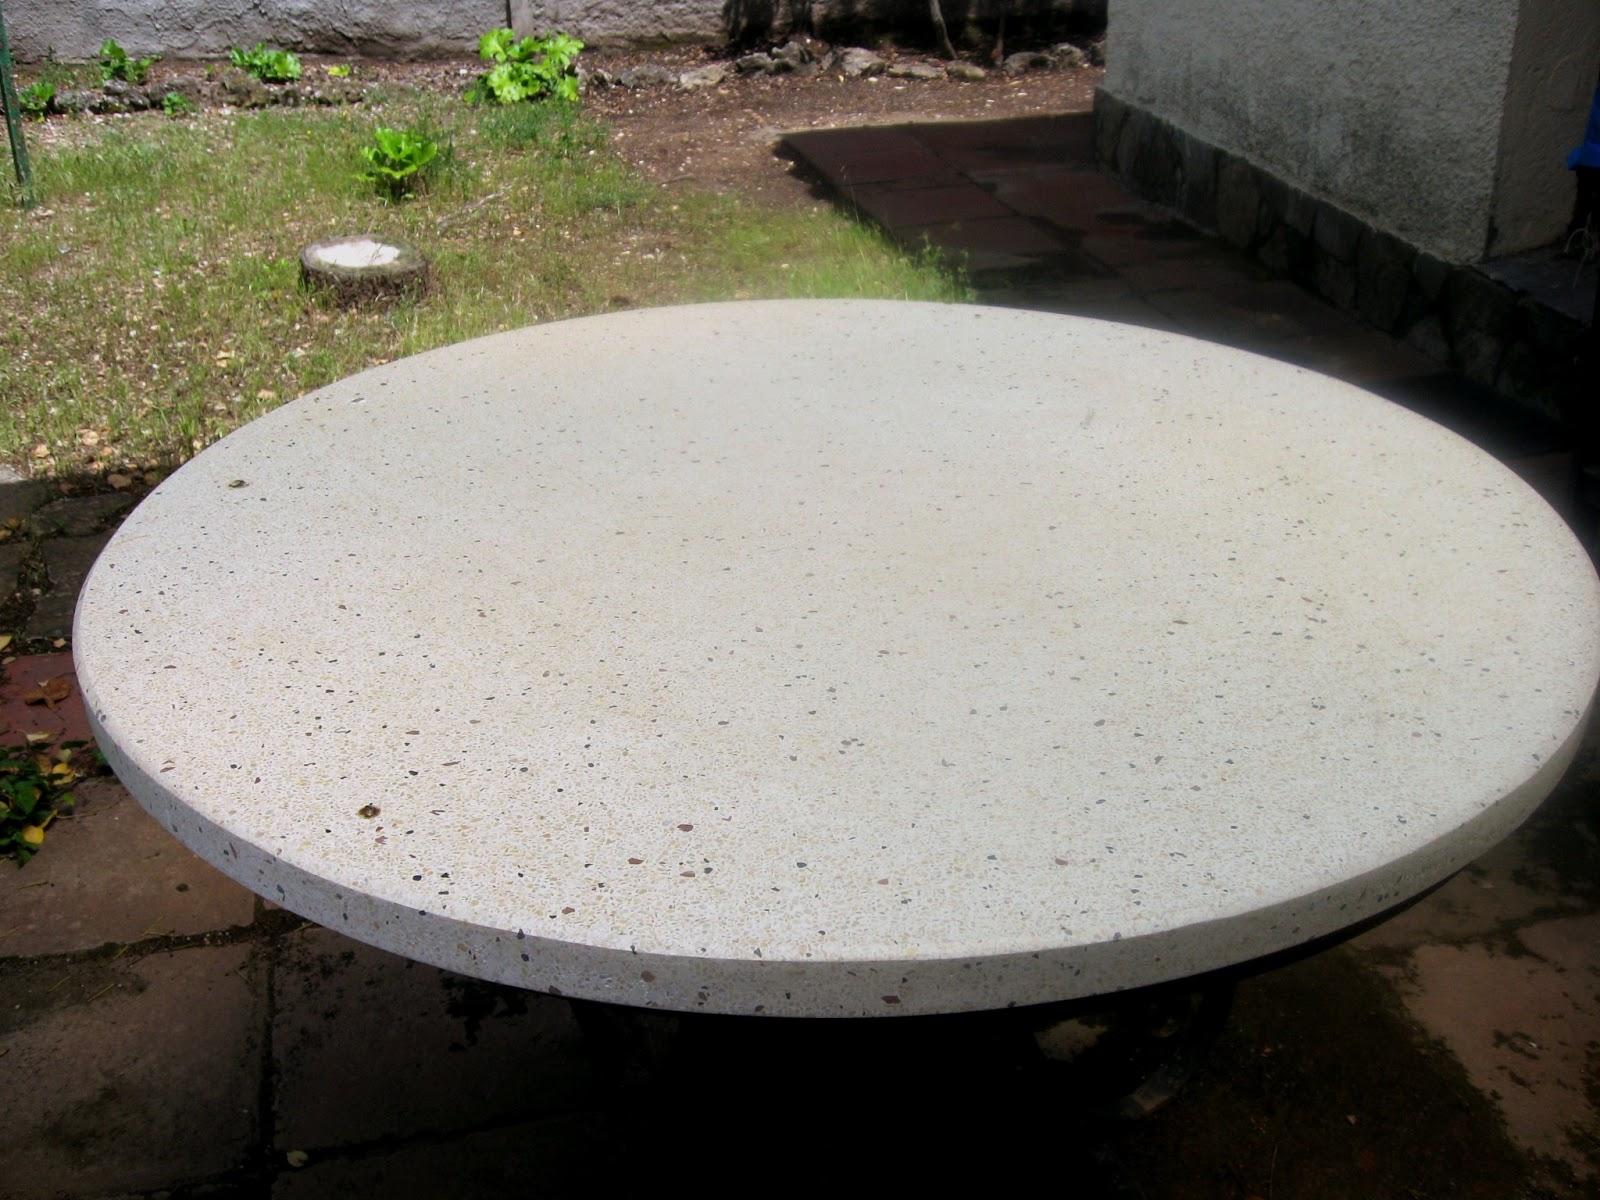 Mesas de piedra para jardin mesas de piedra para exterior foto la raz del rbol de piedra mesa - Mesas de piedra para exterior ...